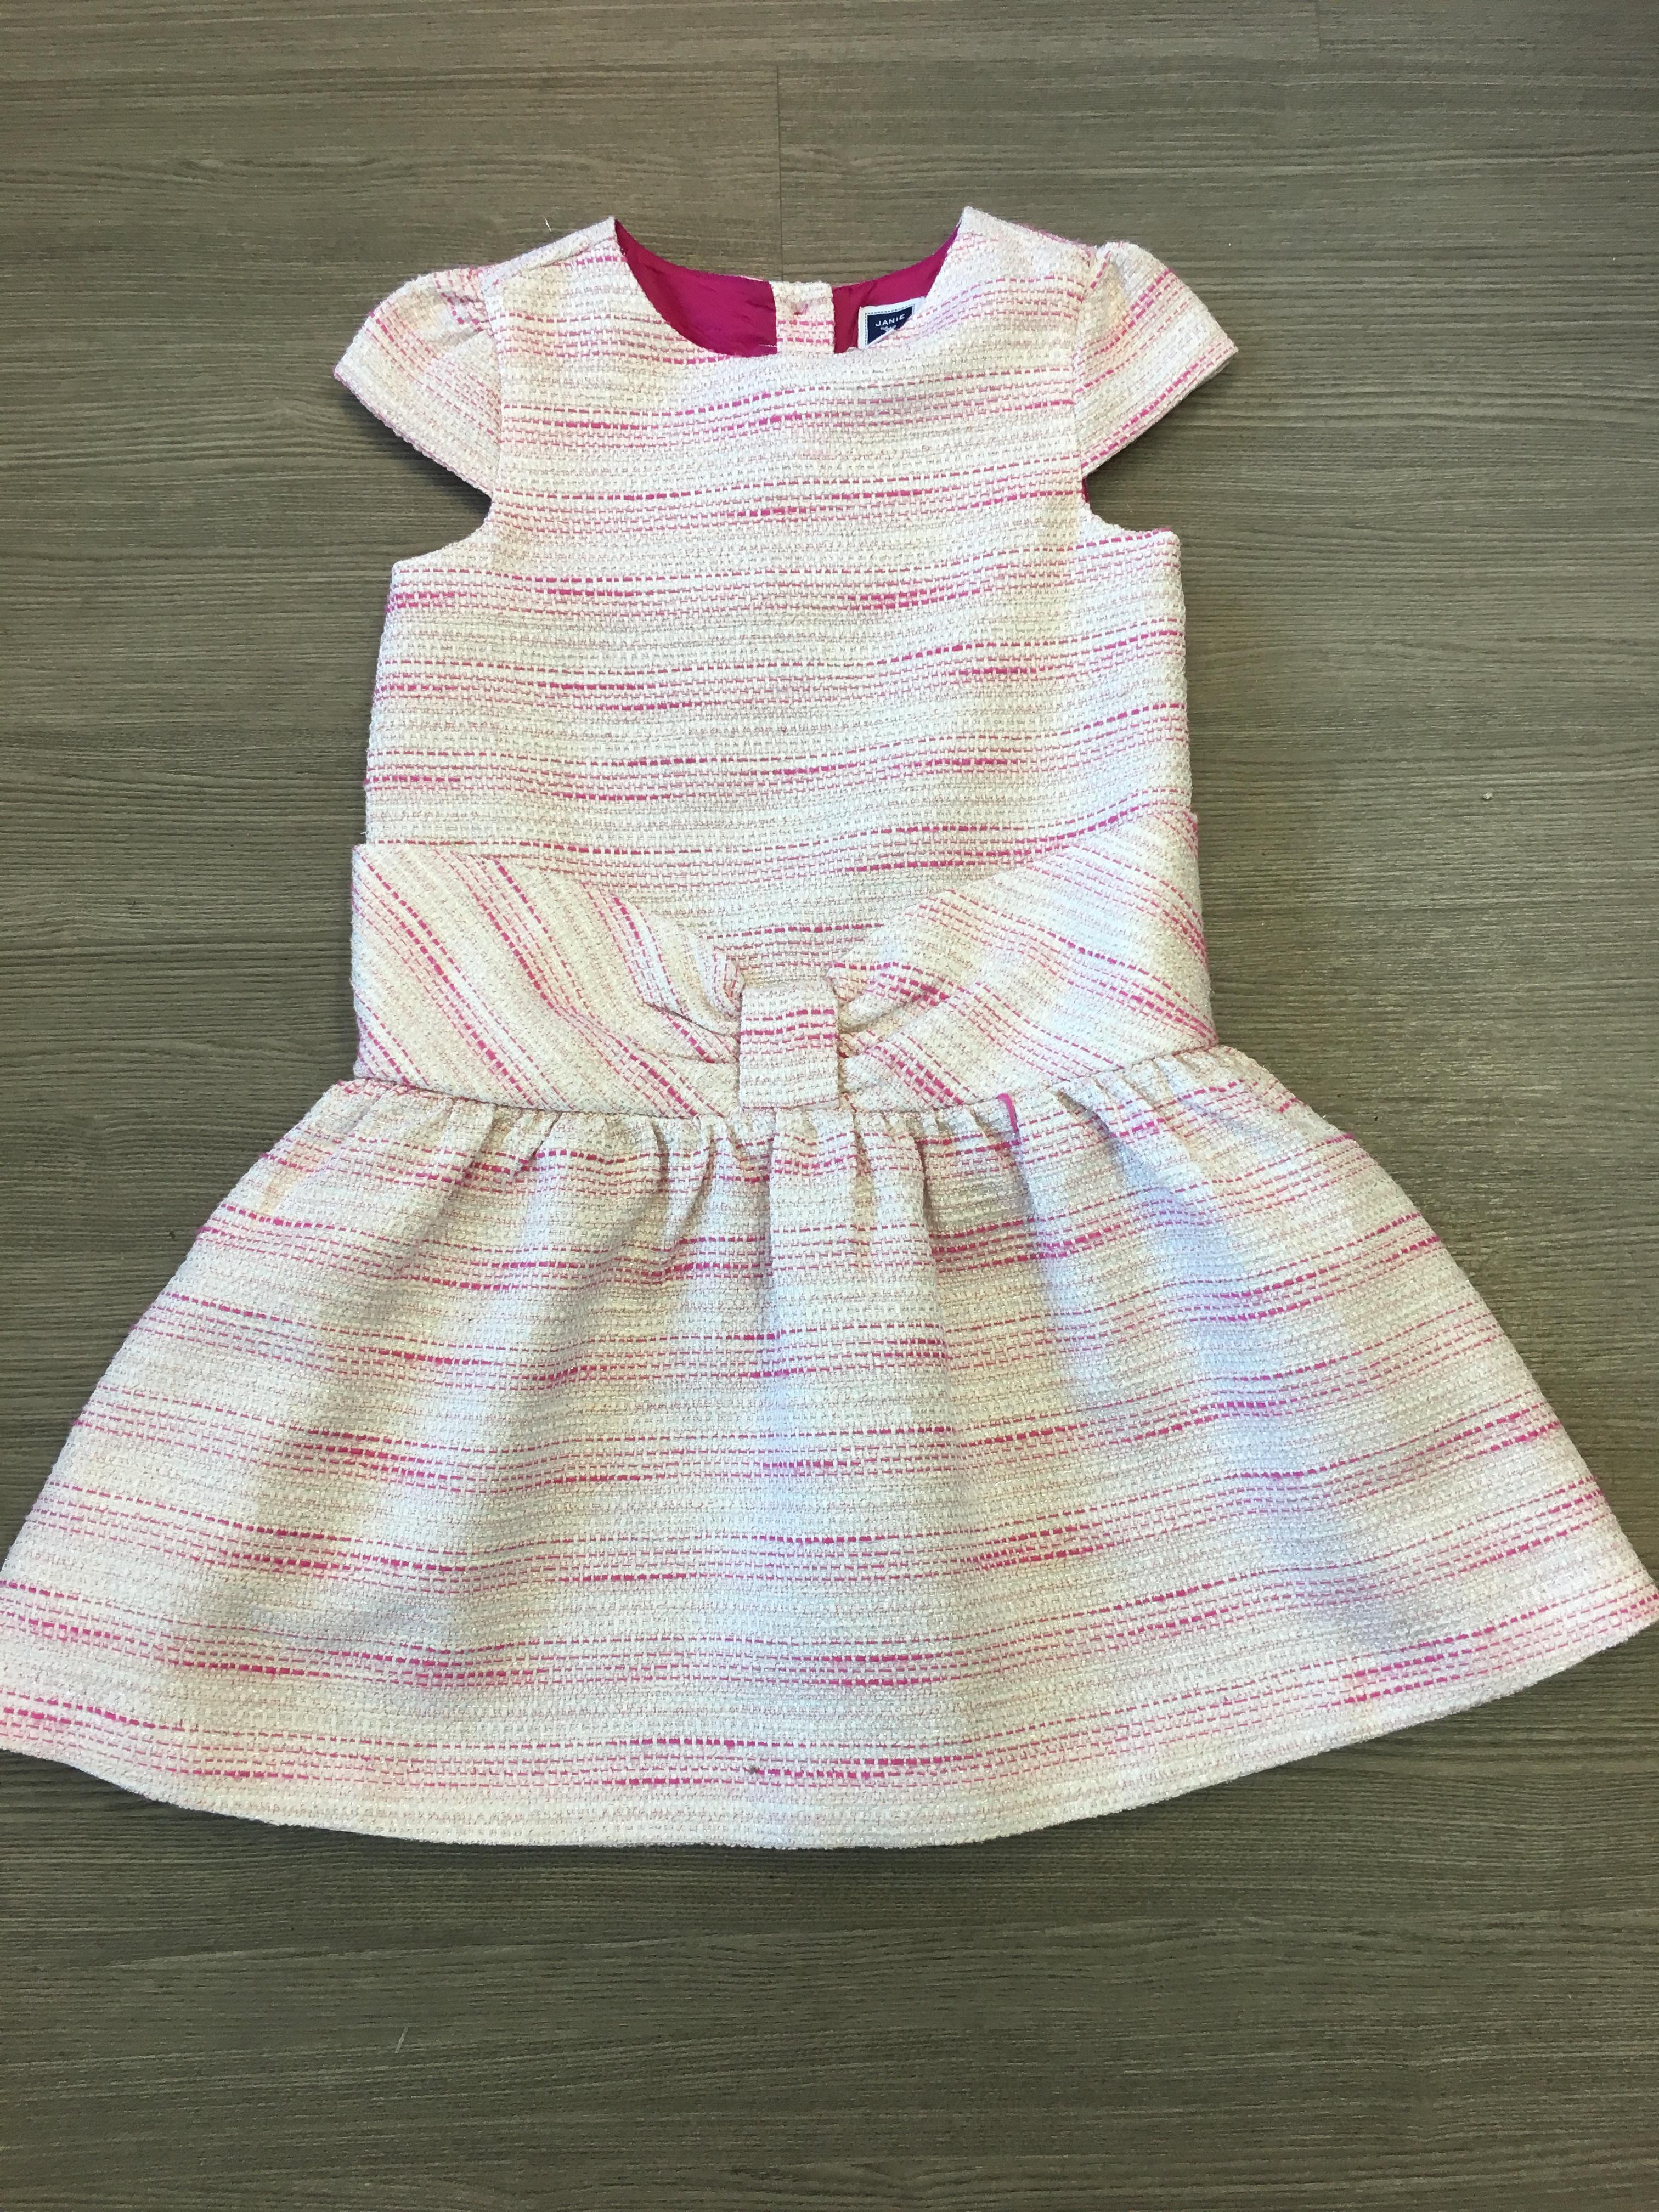 Janie-and-Jack-Size-6-White-Dress_8429A.jpg